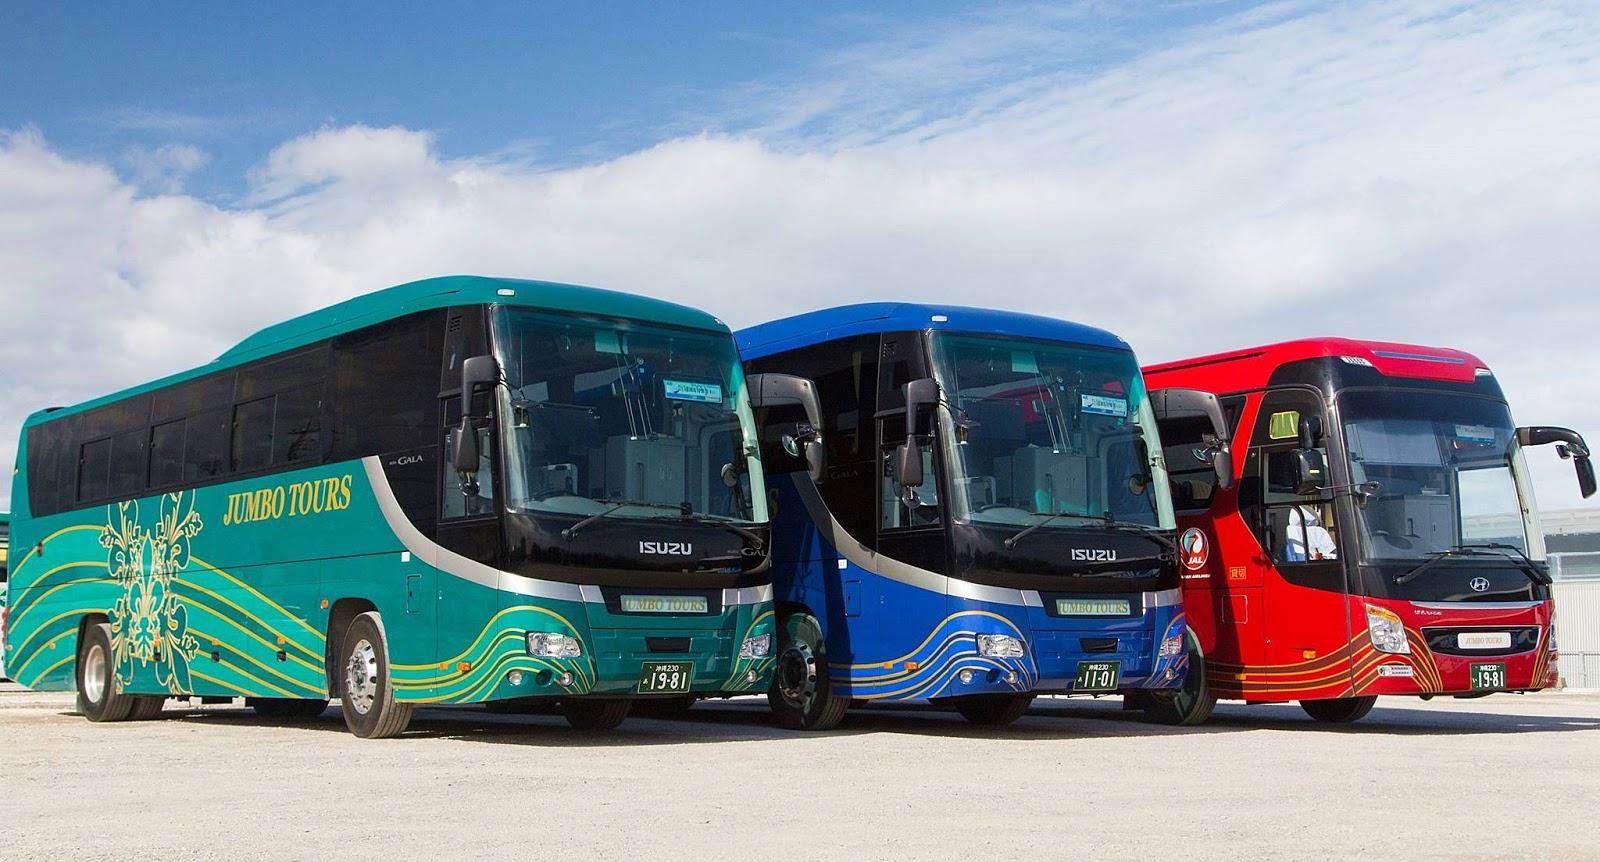 沖繩-交通-公車-巴士-推薦-觀光巴士-自由行-旅遊-優惠券-省錢-Okinawa-Sightseeing-Hip-Hop-Bus